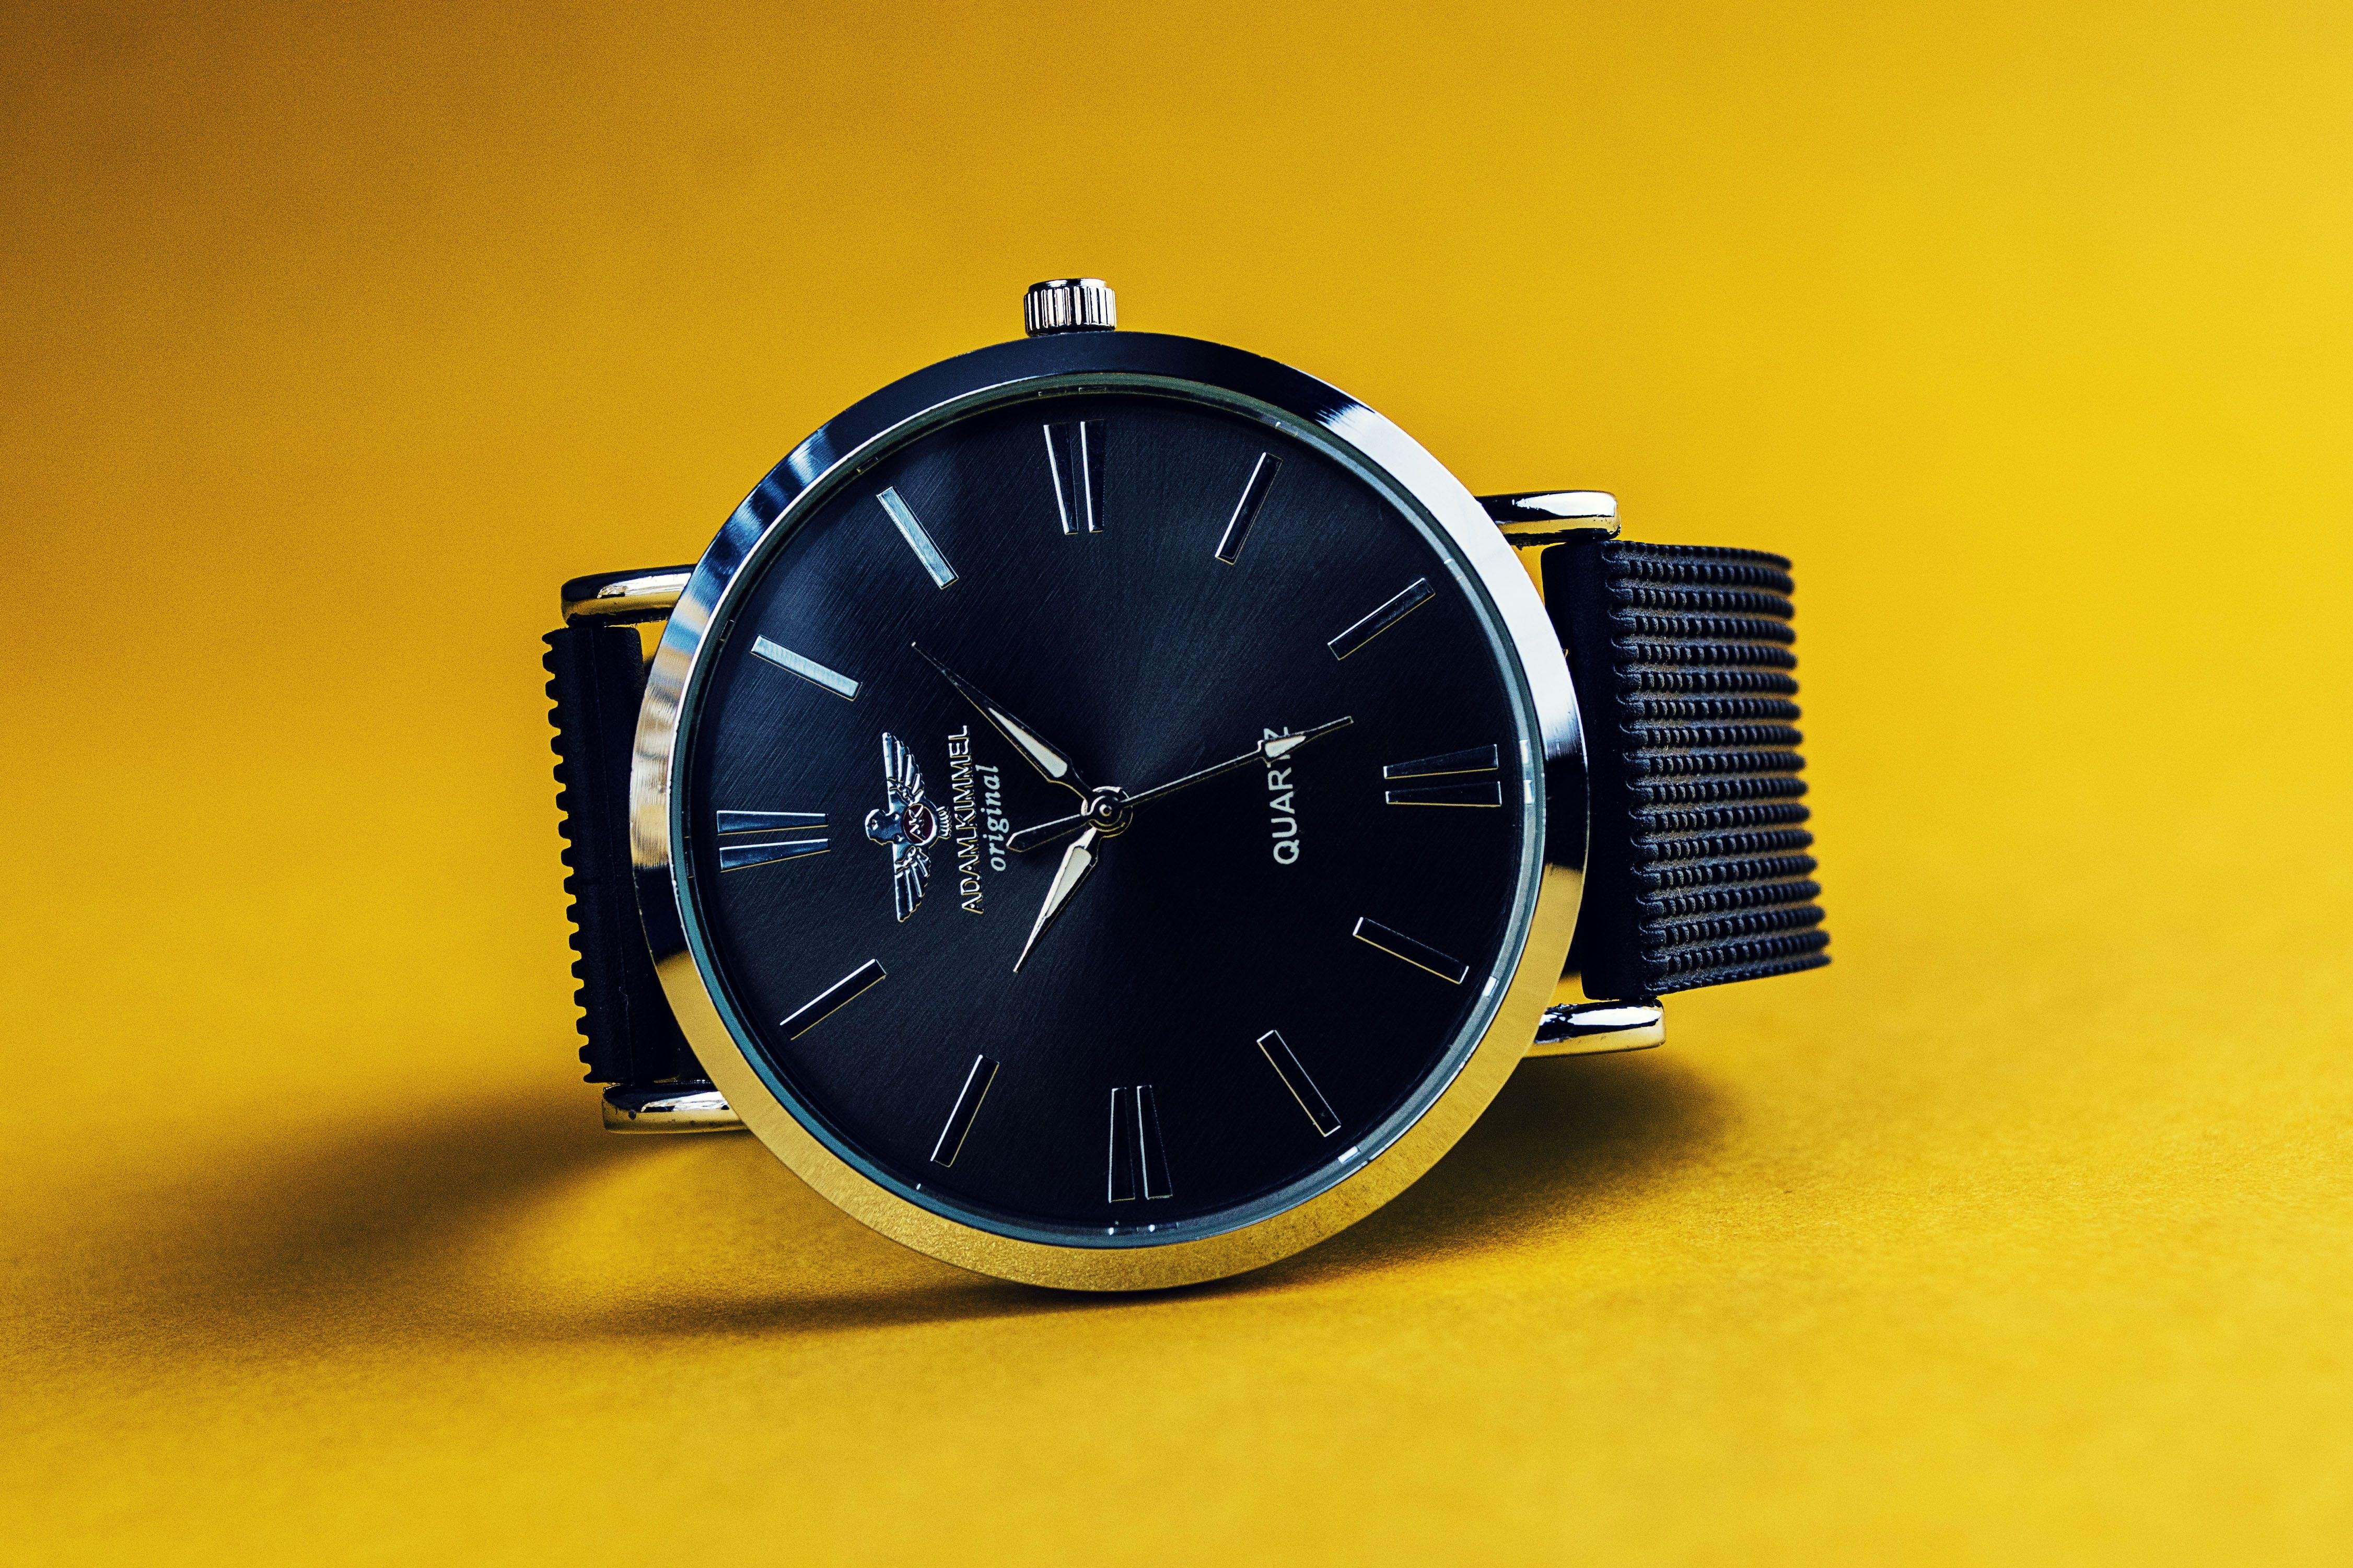 kavramsal, klasik, kol saati, kuvars içeren Ücretsiz stok fotoğraf